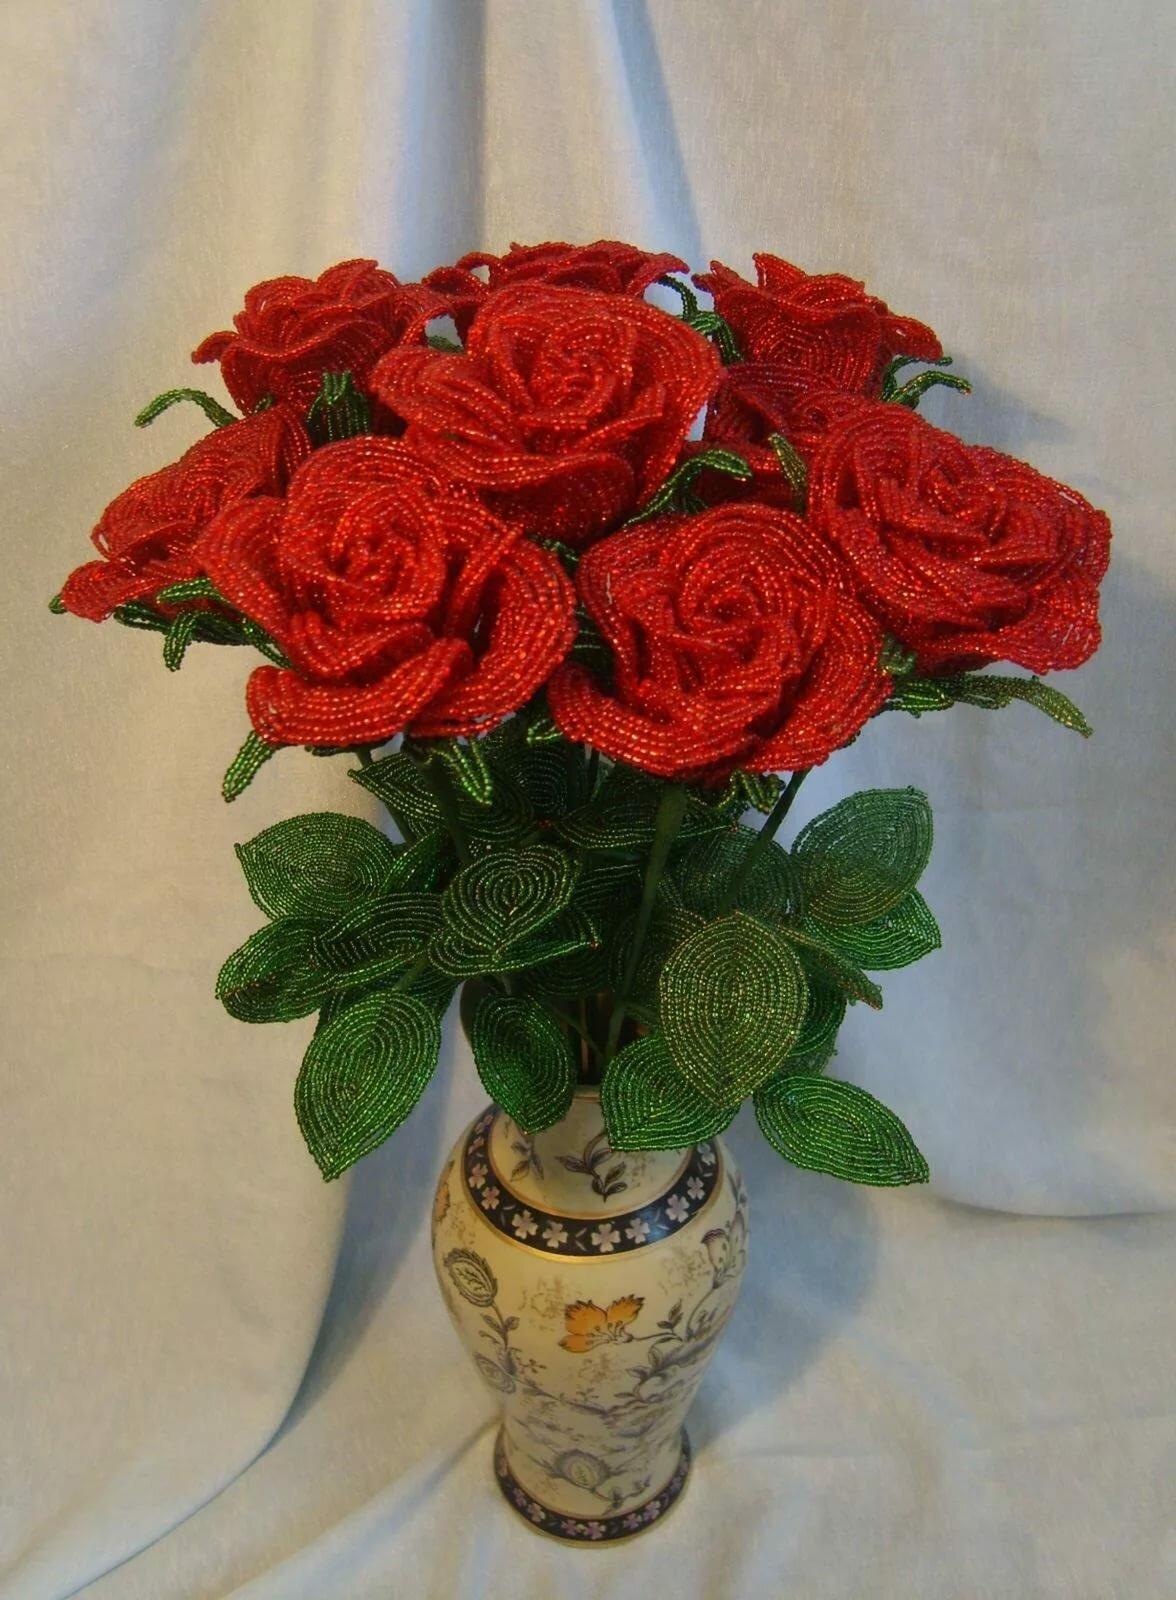 очень красивый букет роз из бисера была обновлена страничка